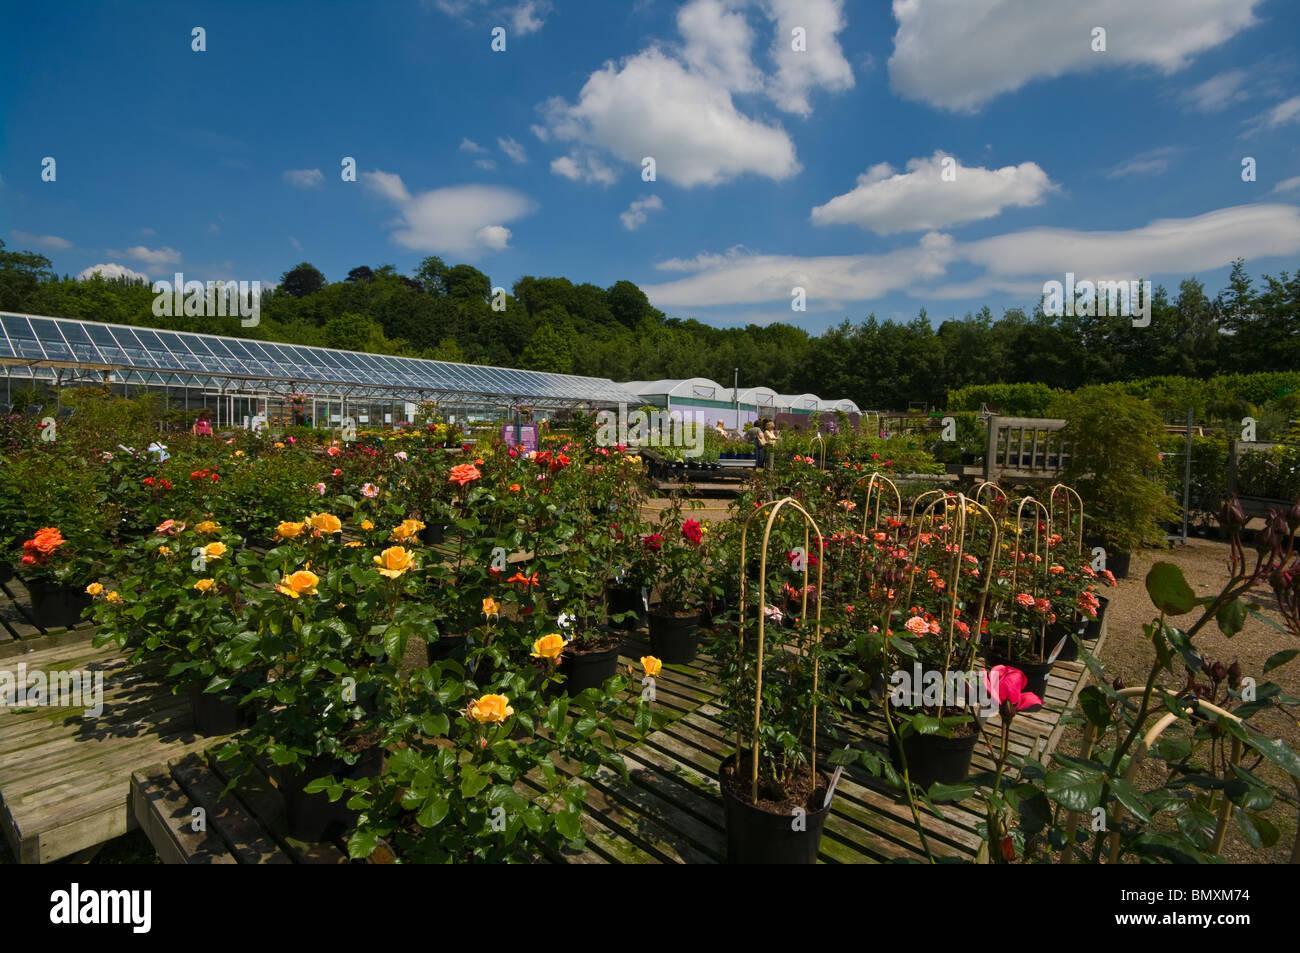 Garden Centre Sale Stock Photos & Garden Centre Sale Stock Images ...